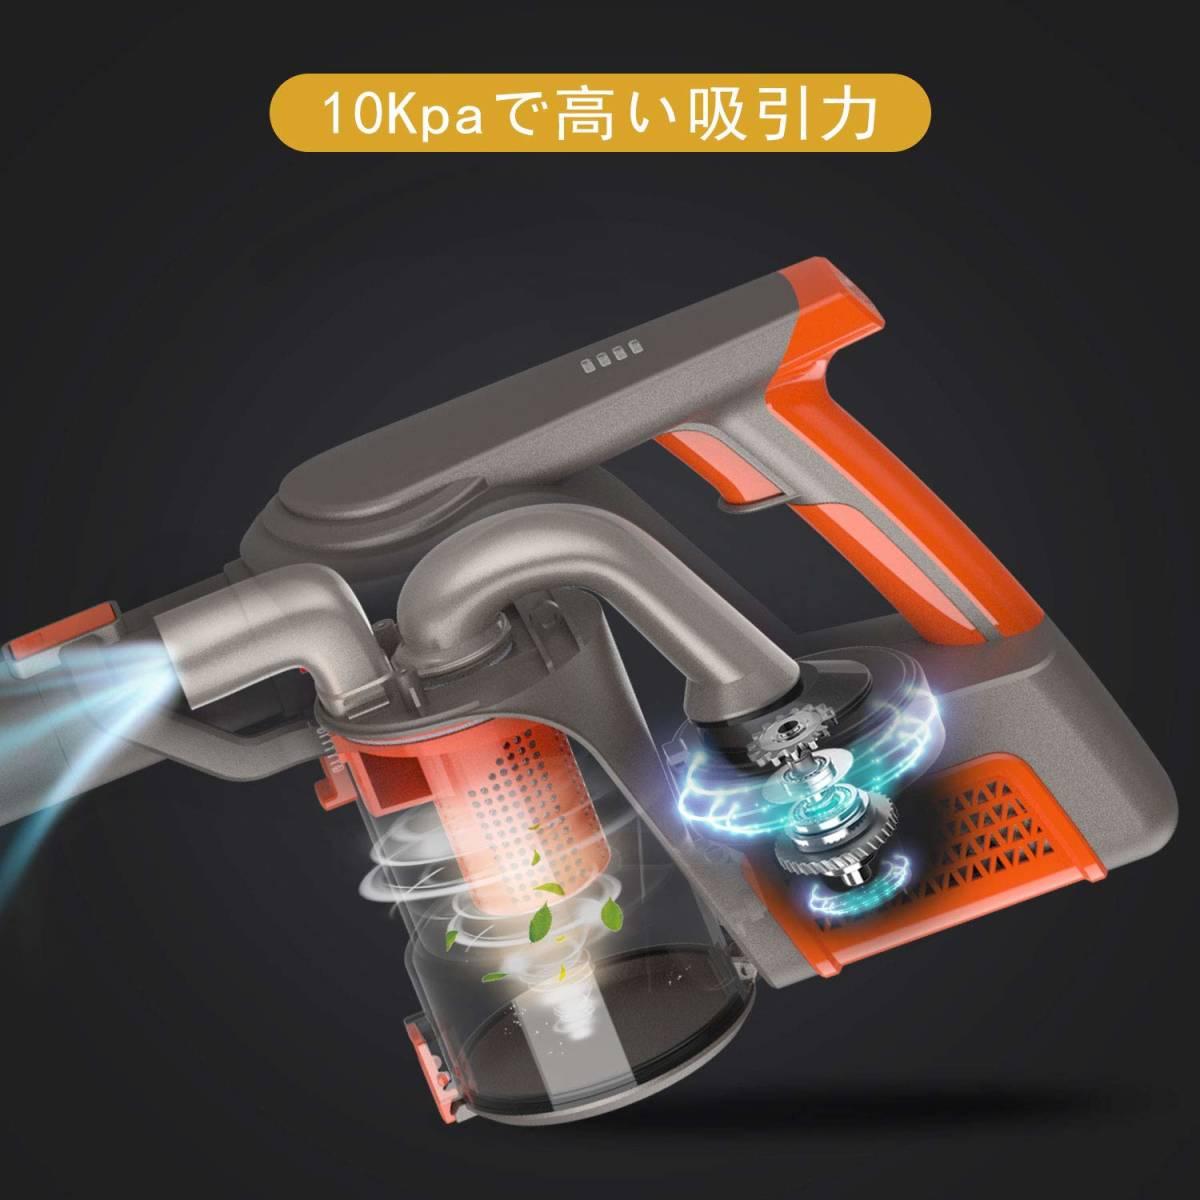 新品 掃除機 コードレス サイクロン式 スティック掃除機 10KPa 強力吸引 強弱切替 超軽量 静音操作 40分連続作業軽量充電式&壁掛式